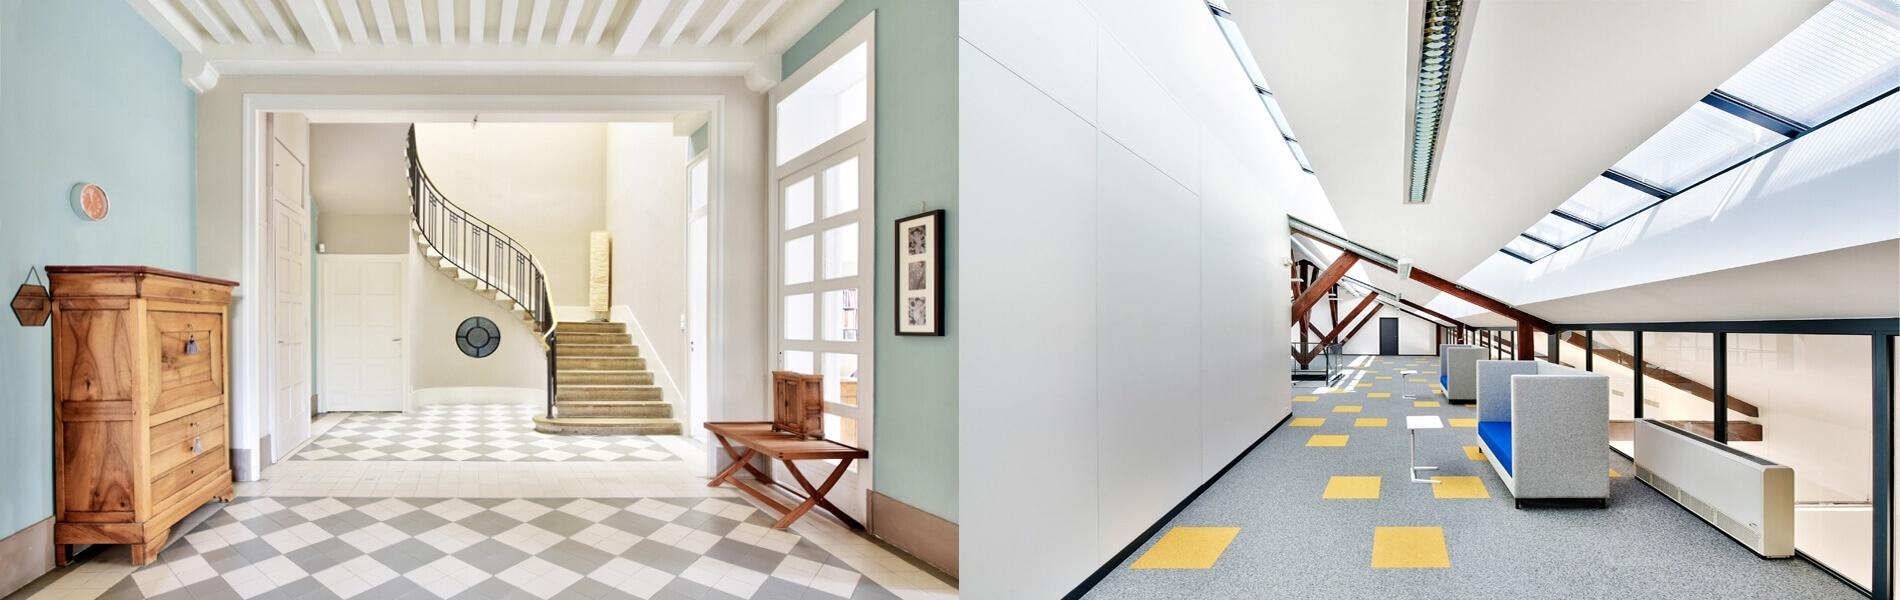 photographe architecture immobilier à Lyon